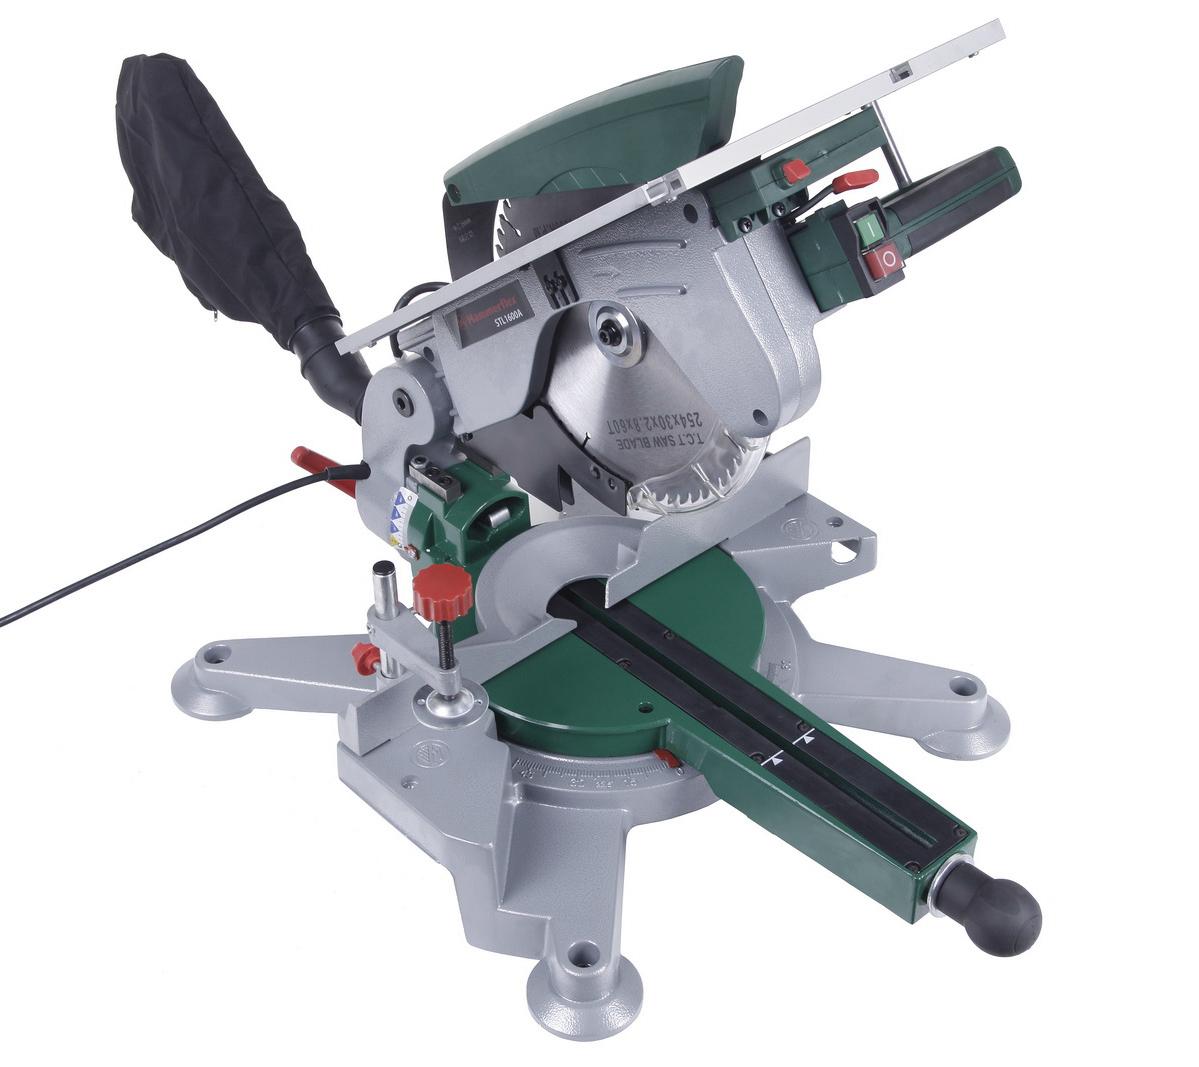 Комбинированная торцовочная пила Hammer Stl1600a